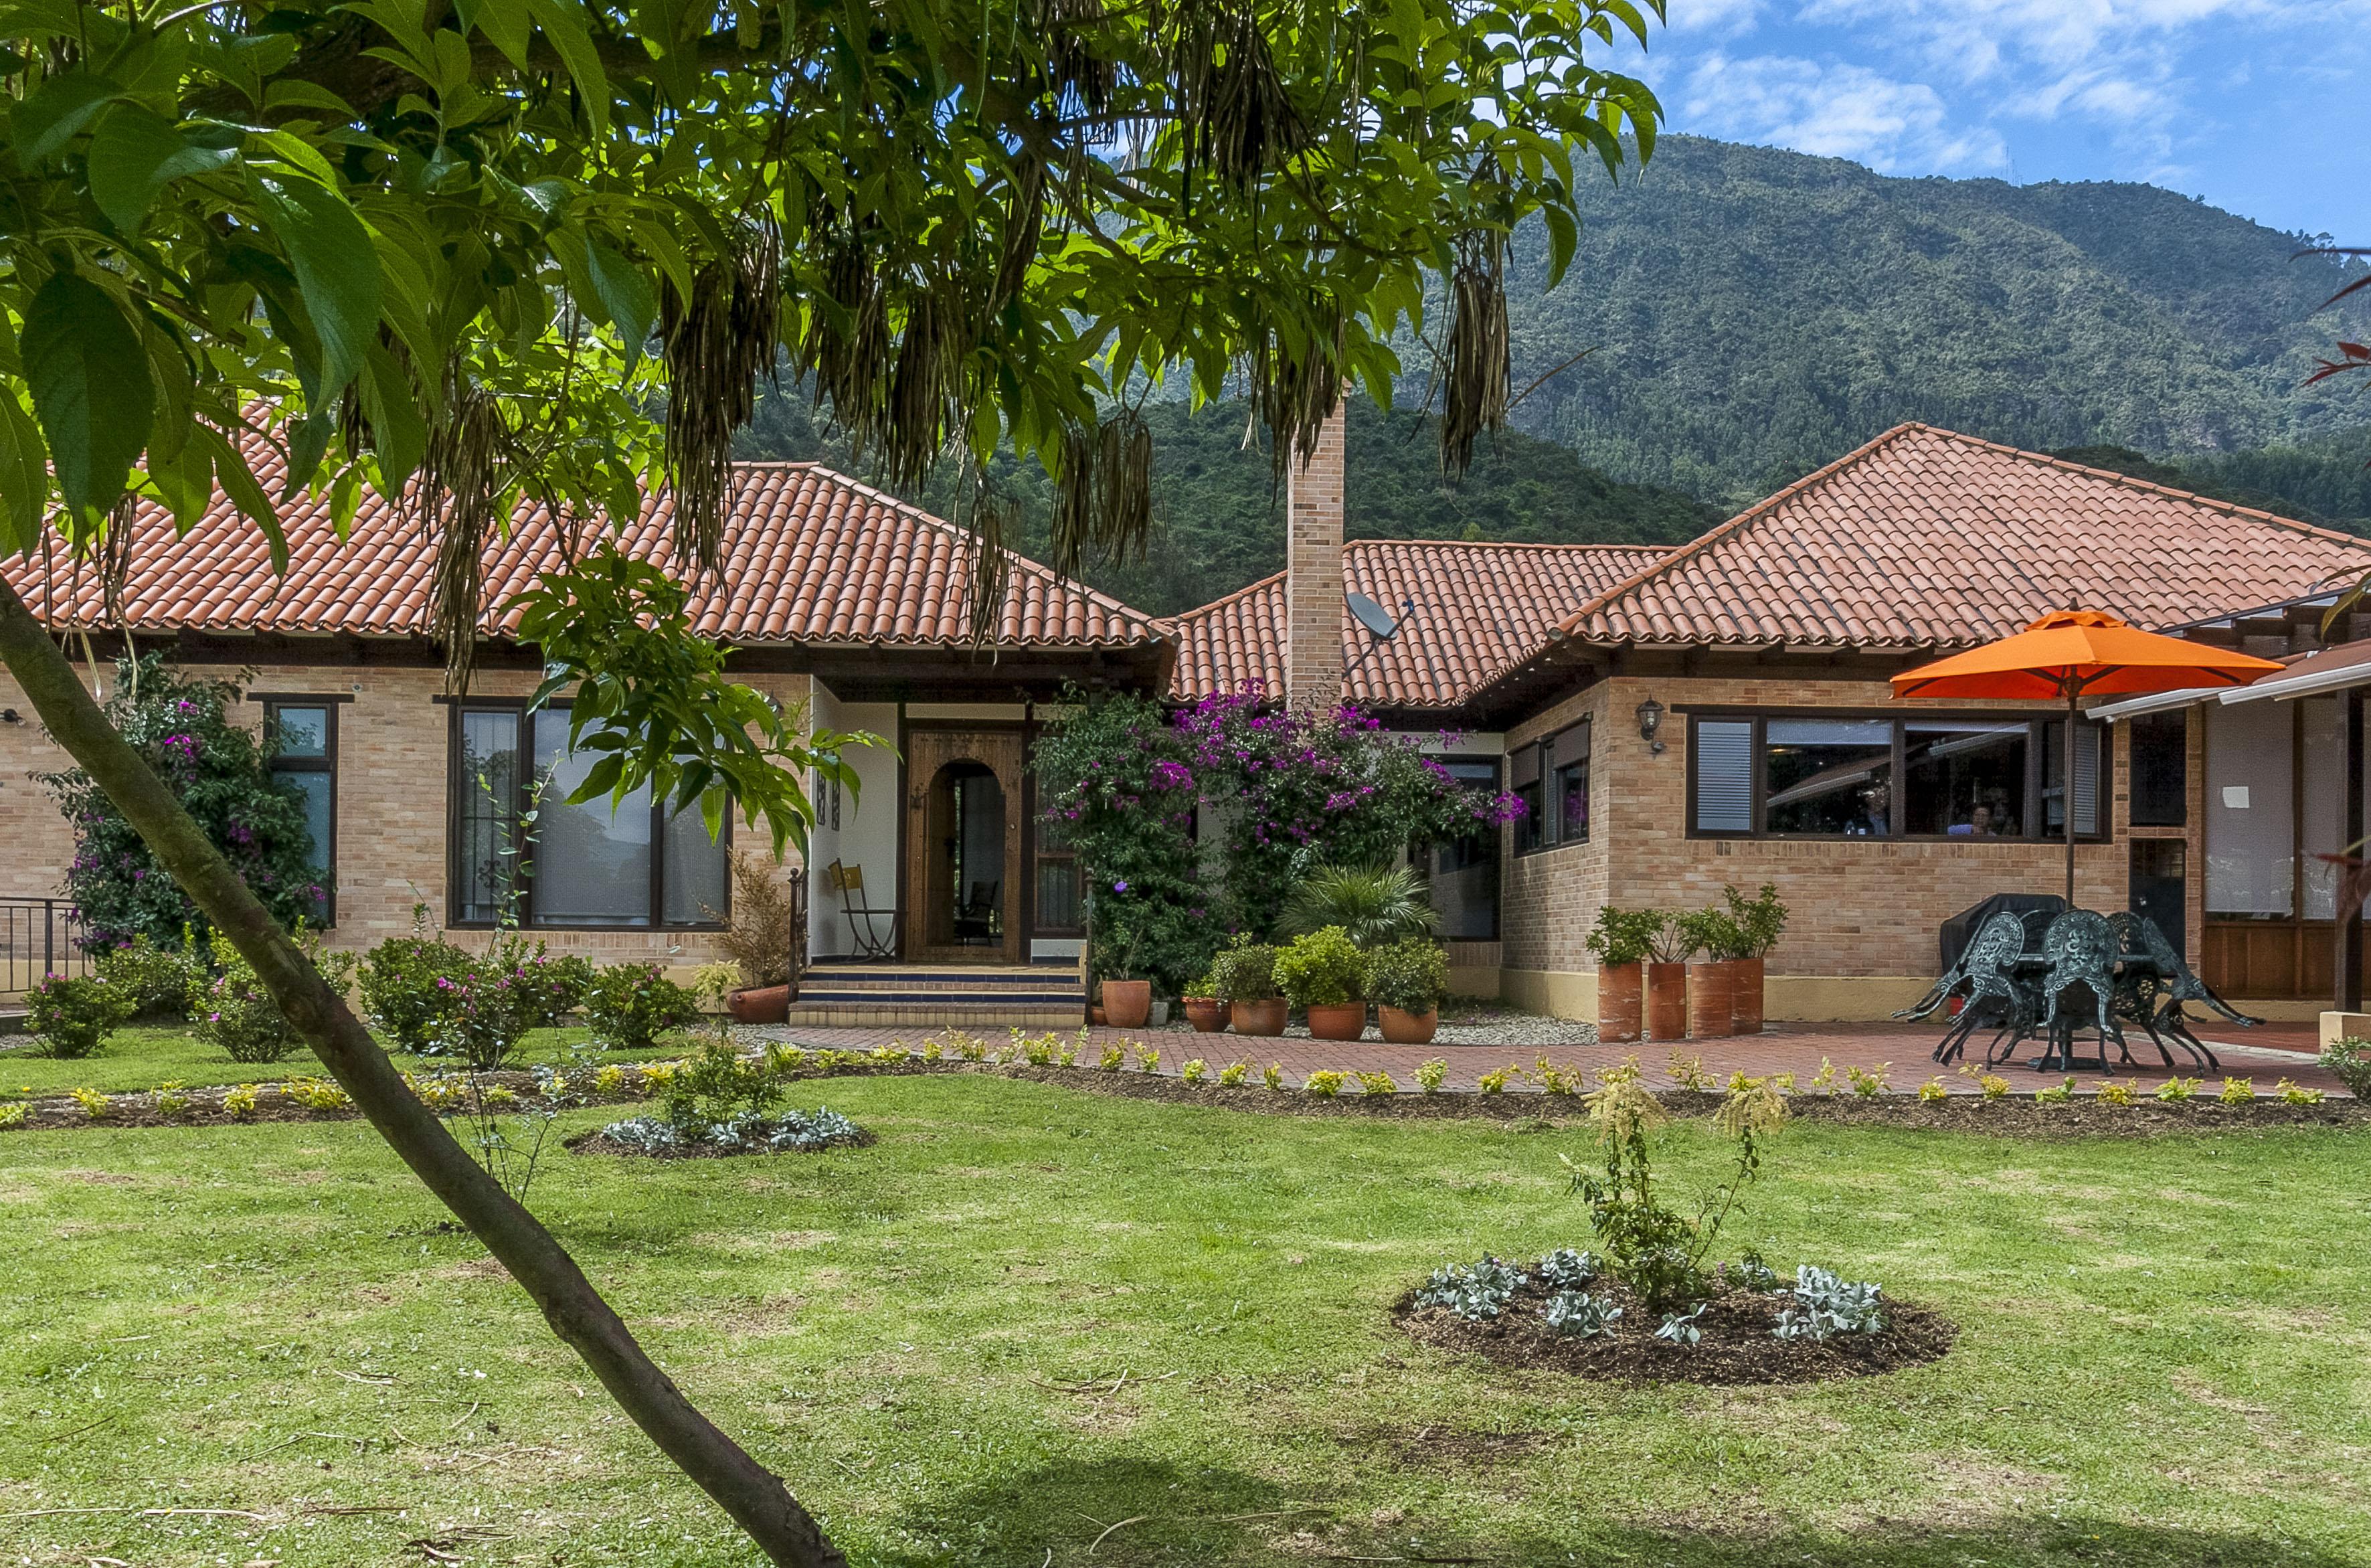 Casas campestres casas campestres venta de planos for Planos para casas campestres